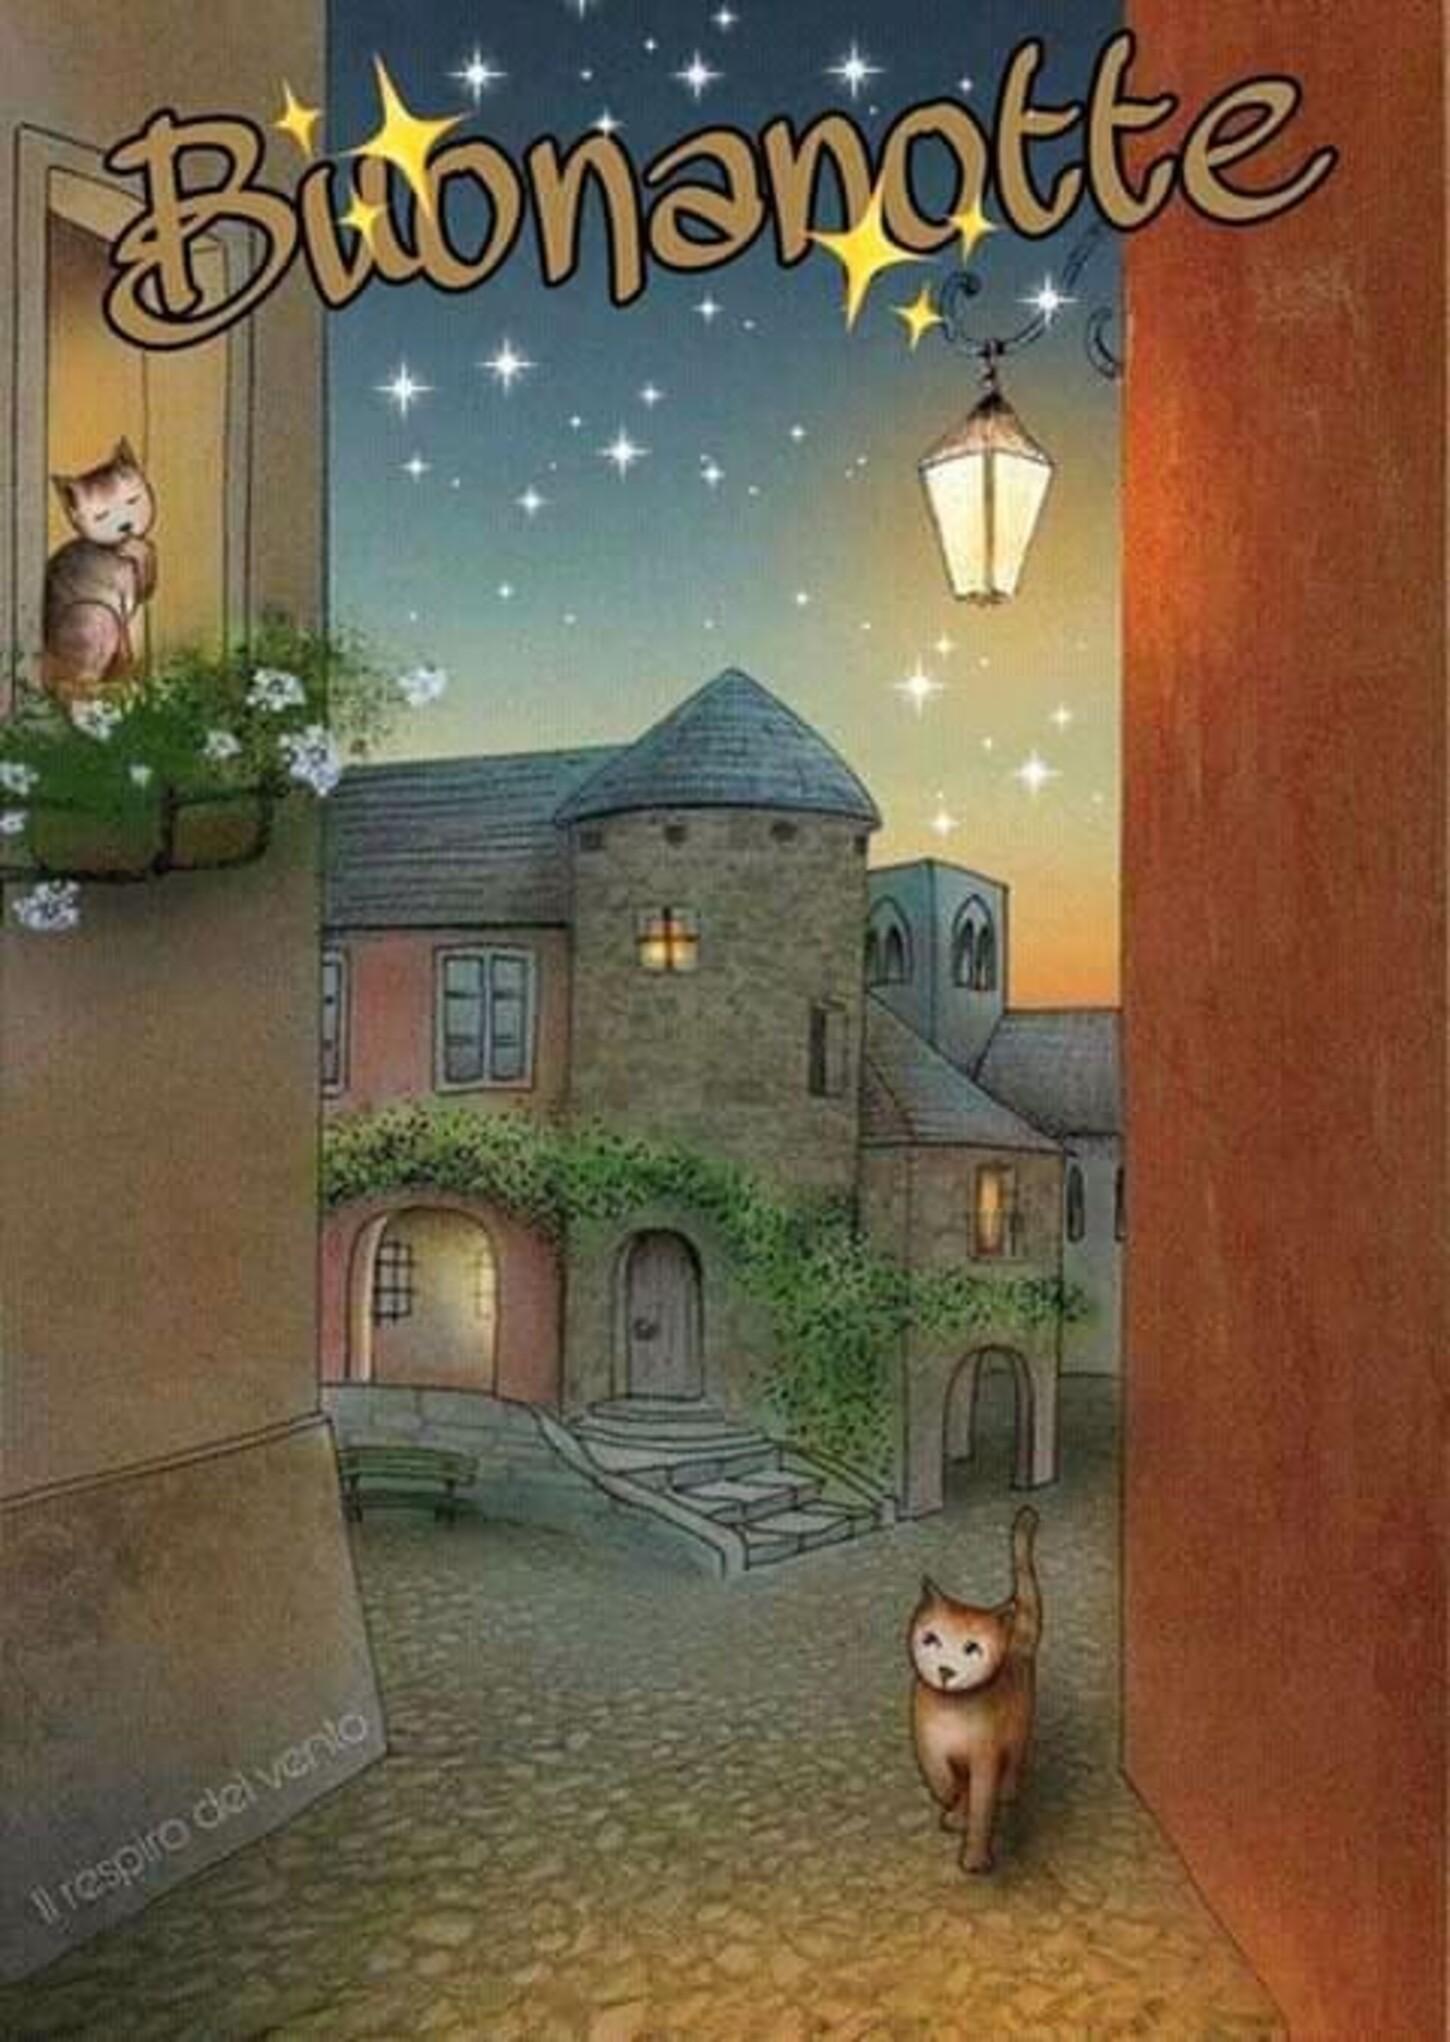 Belle immagini per Buonanotte